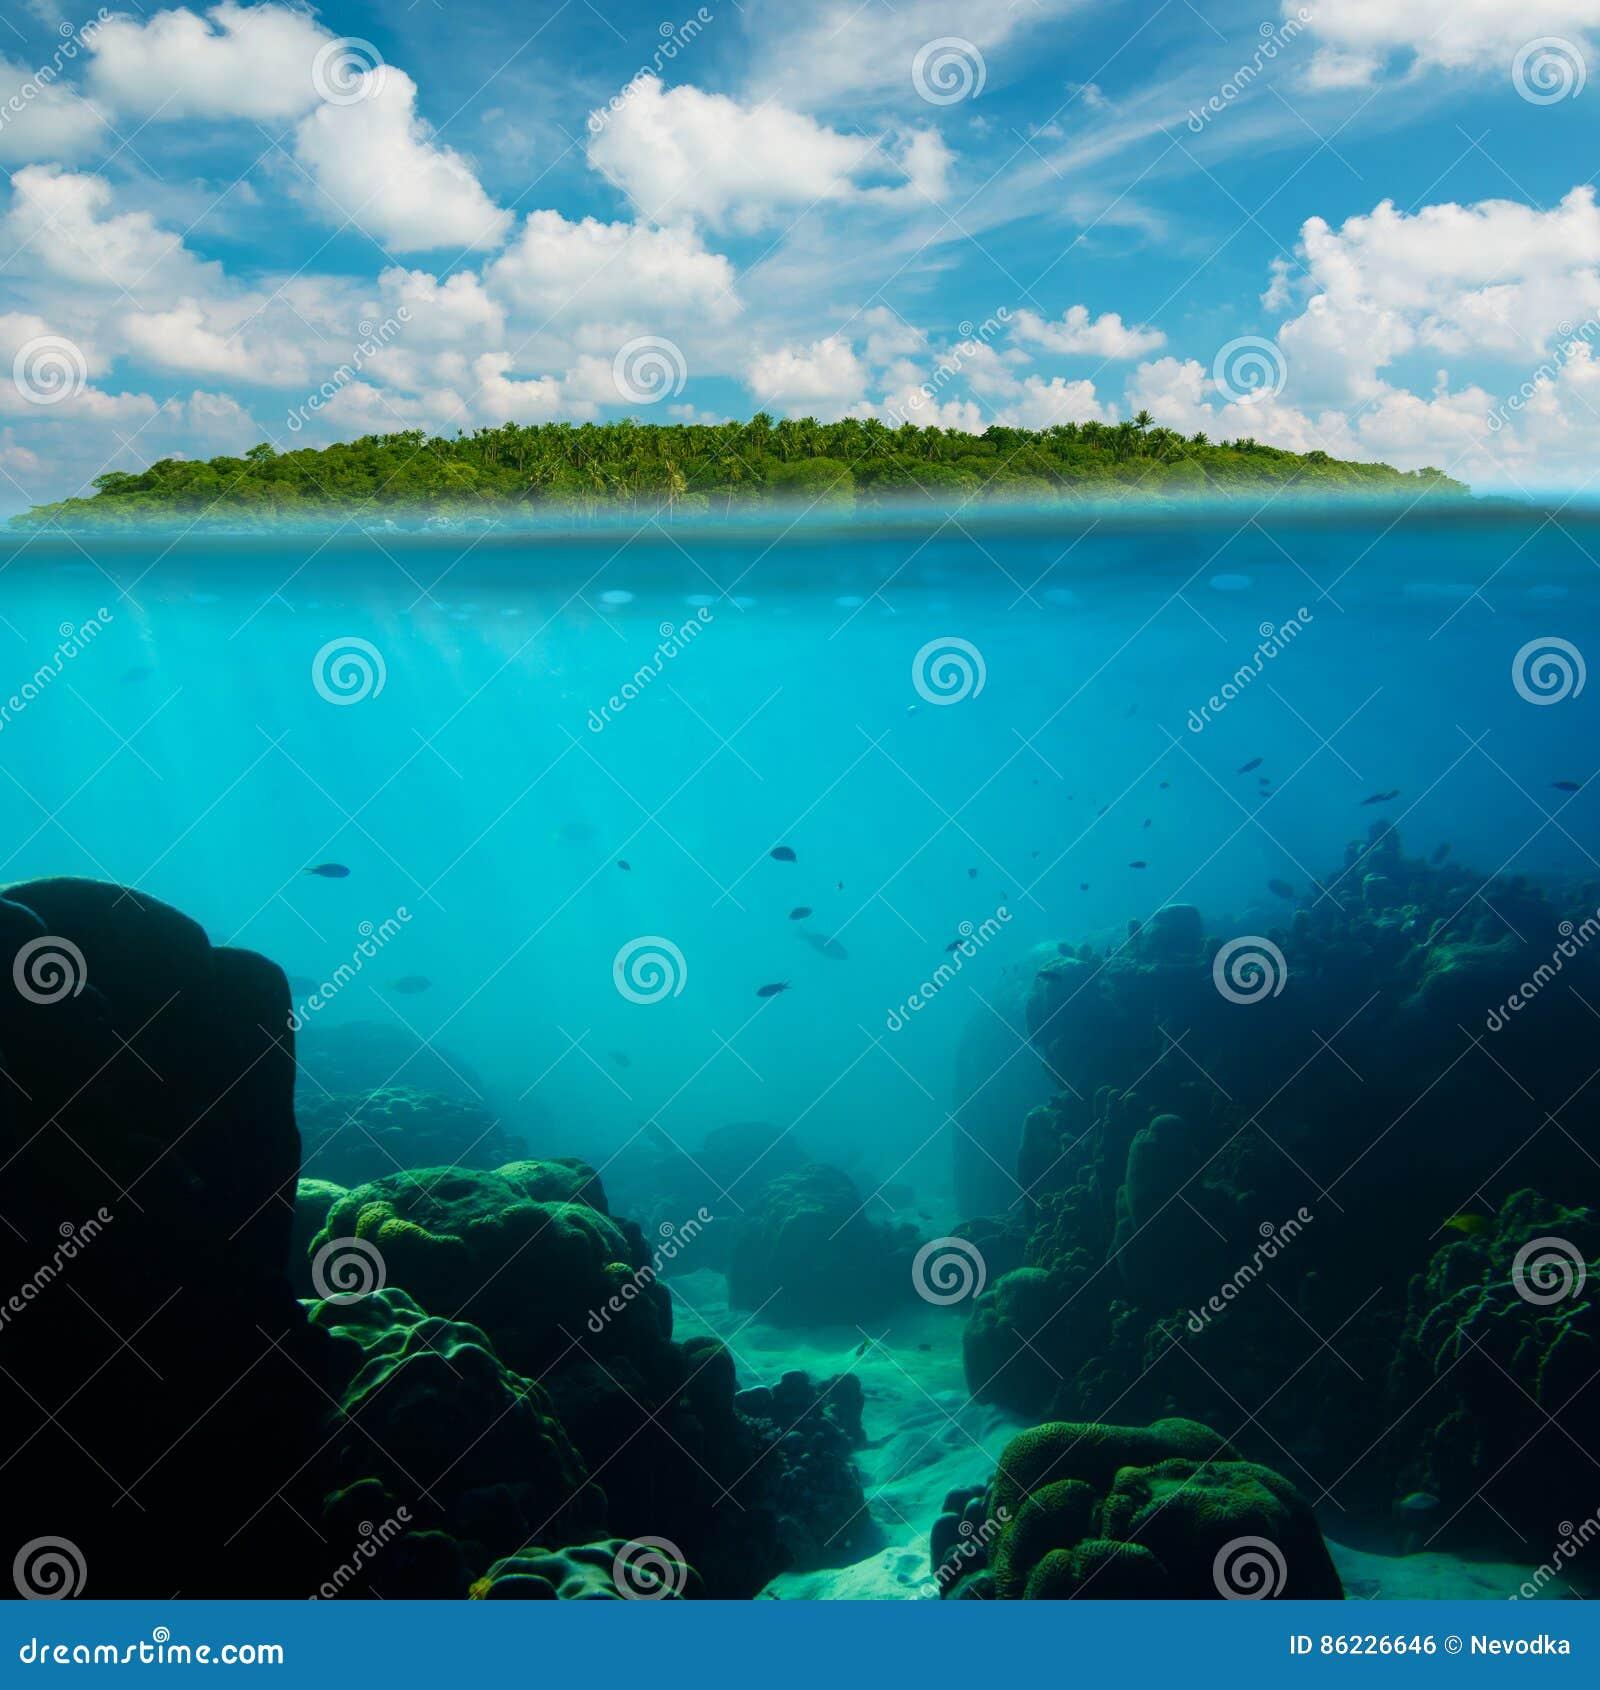 Tiro subaquático tropical splitted com ilha